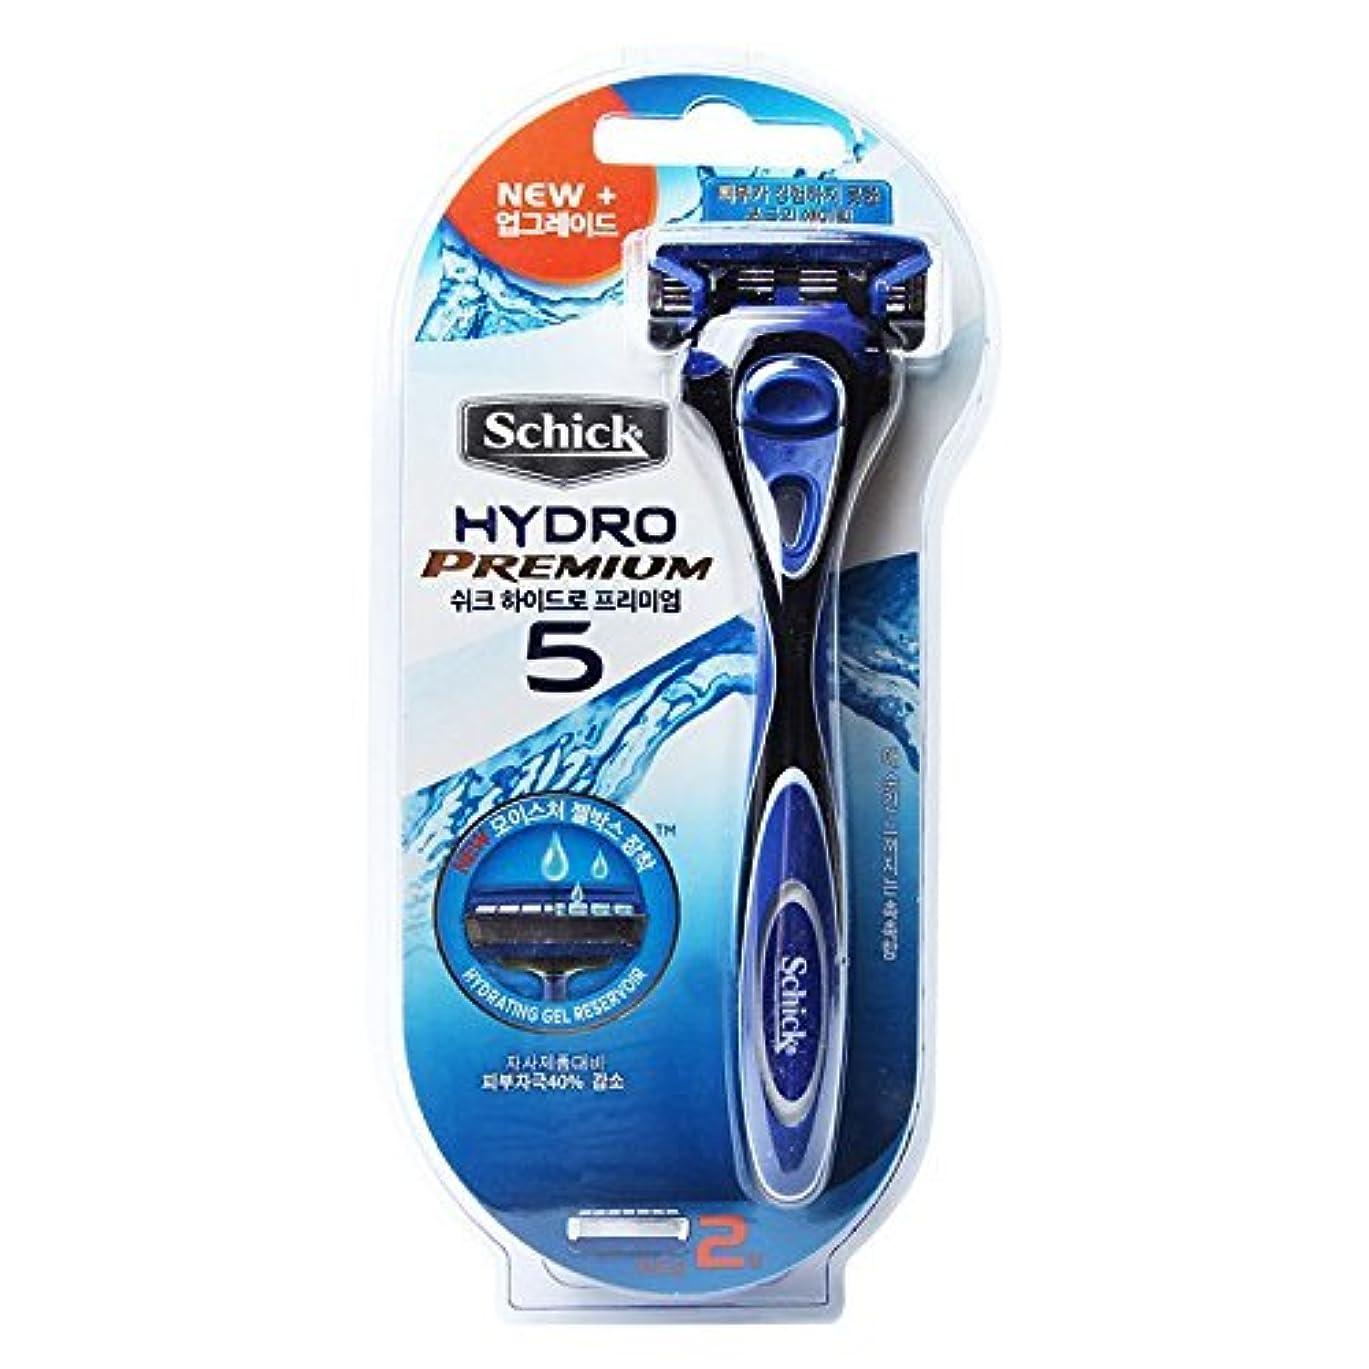 ランクほのめかすバンガローSchick Hydro 5 Premium トリマーで男性と2カミソリ詰め替え用カミソリ [並行輸入品]